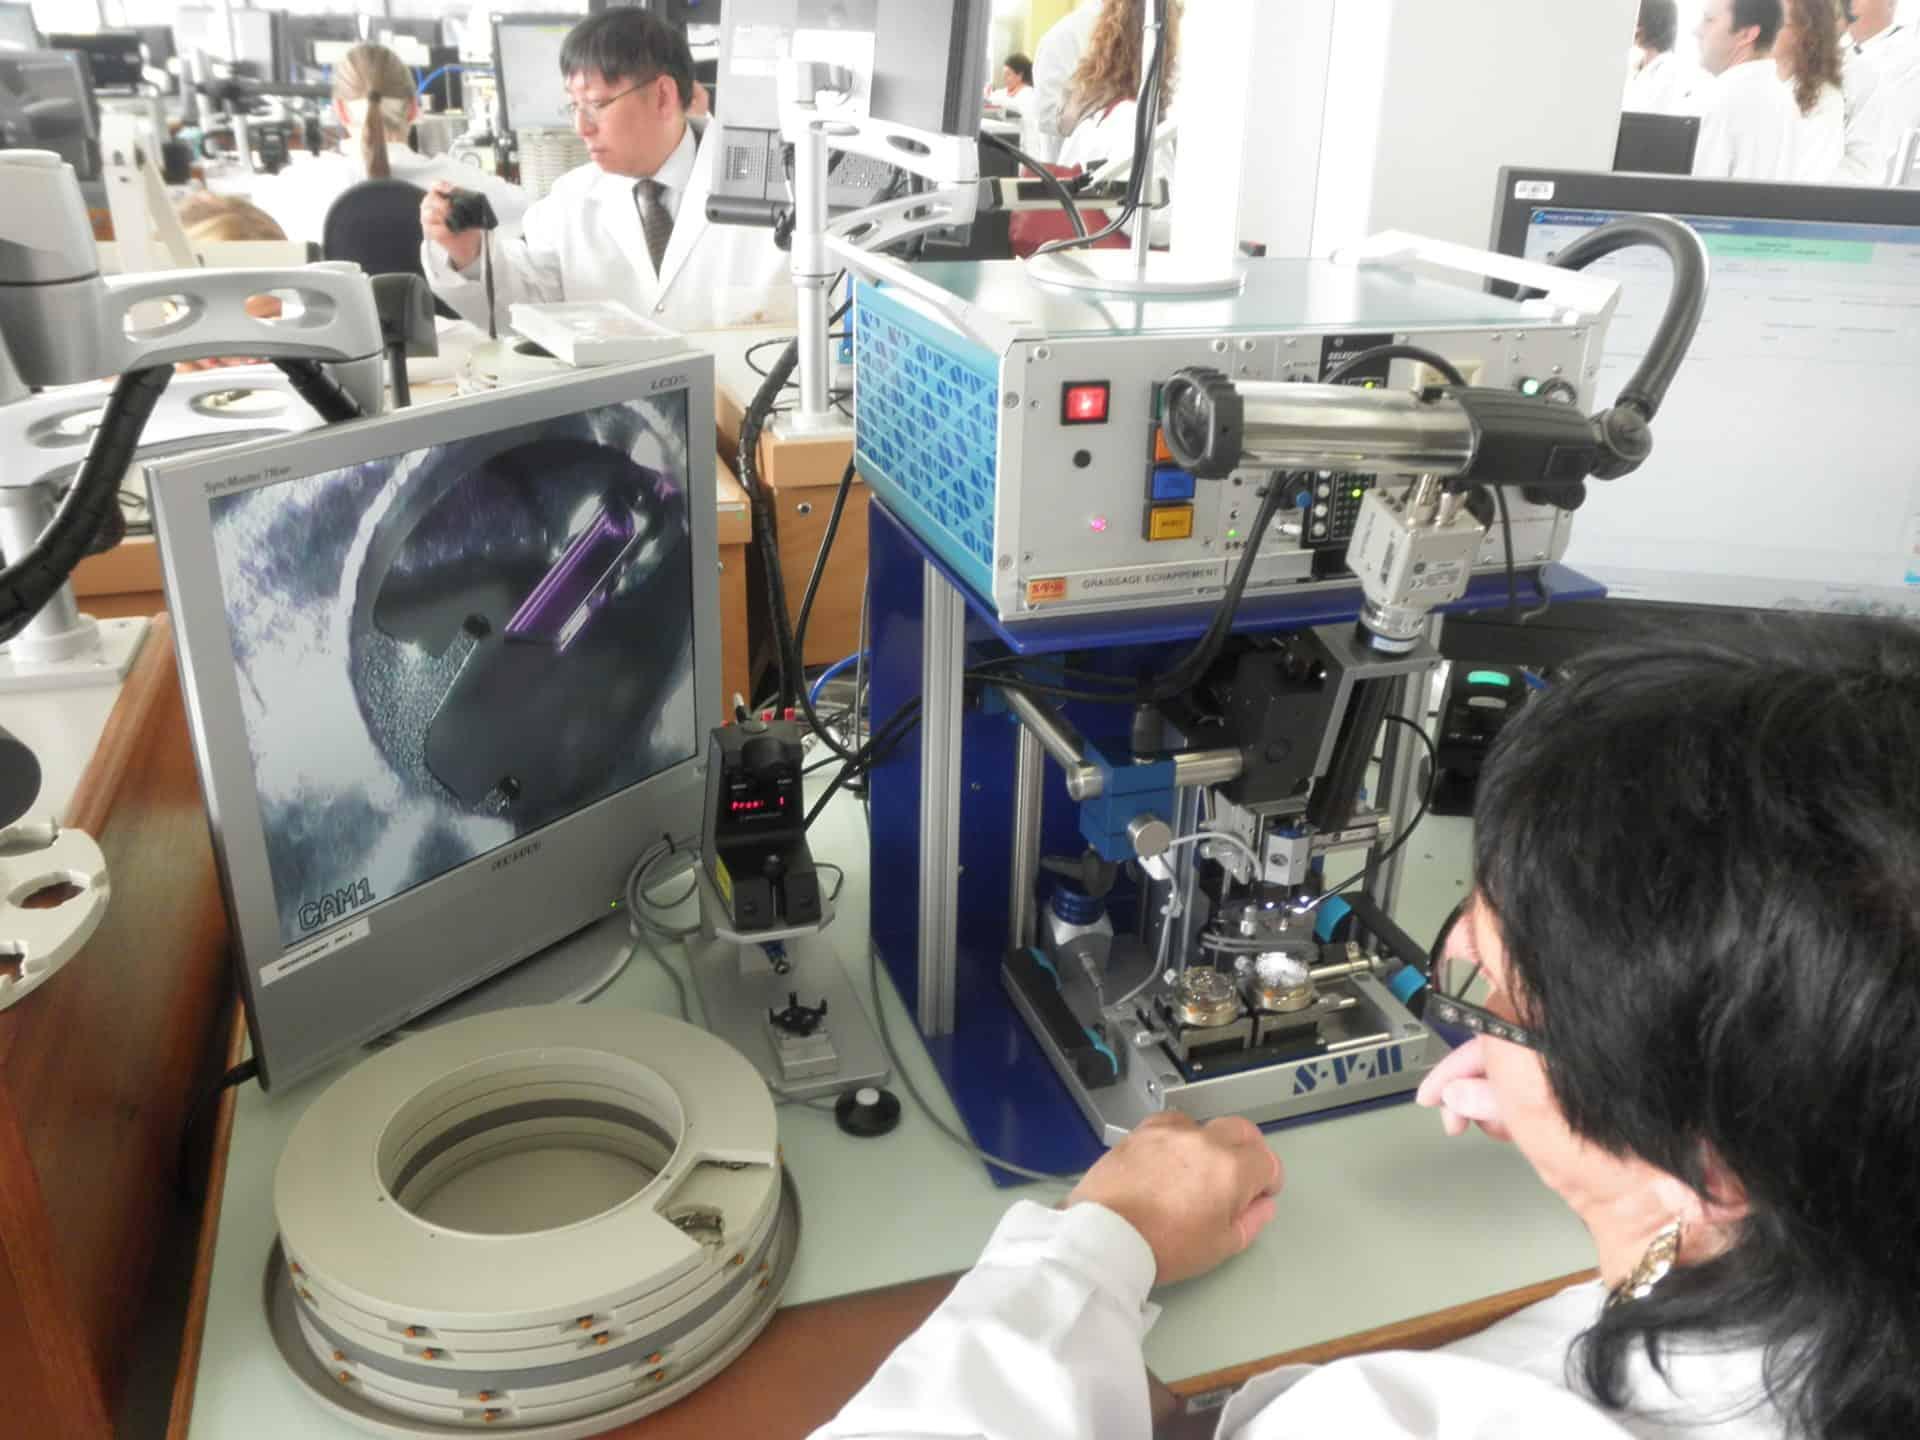 Tröpfchen für Tröpfchen - selbsttätiges Schmieren des Ankerrads bei Rolex in Biel